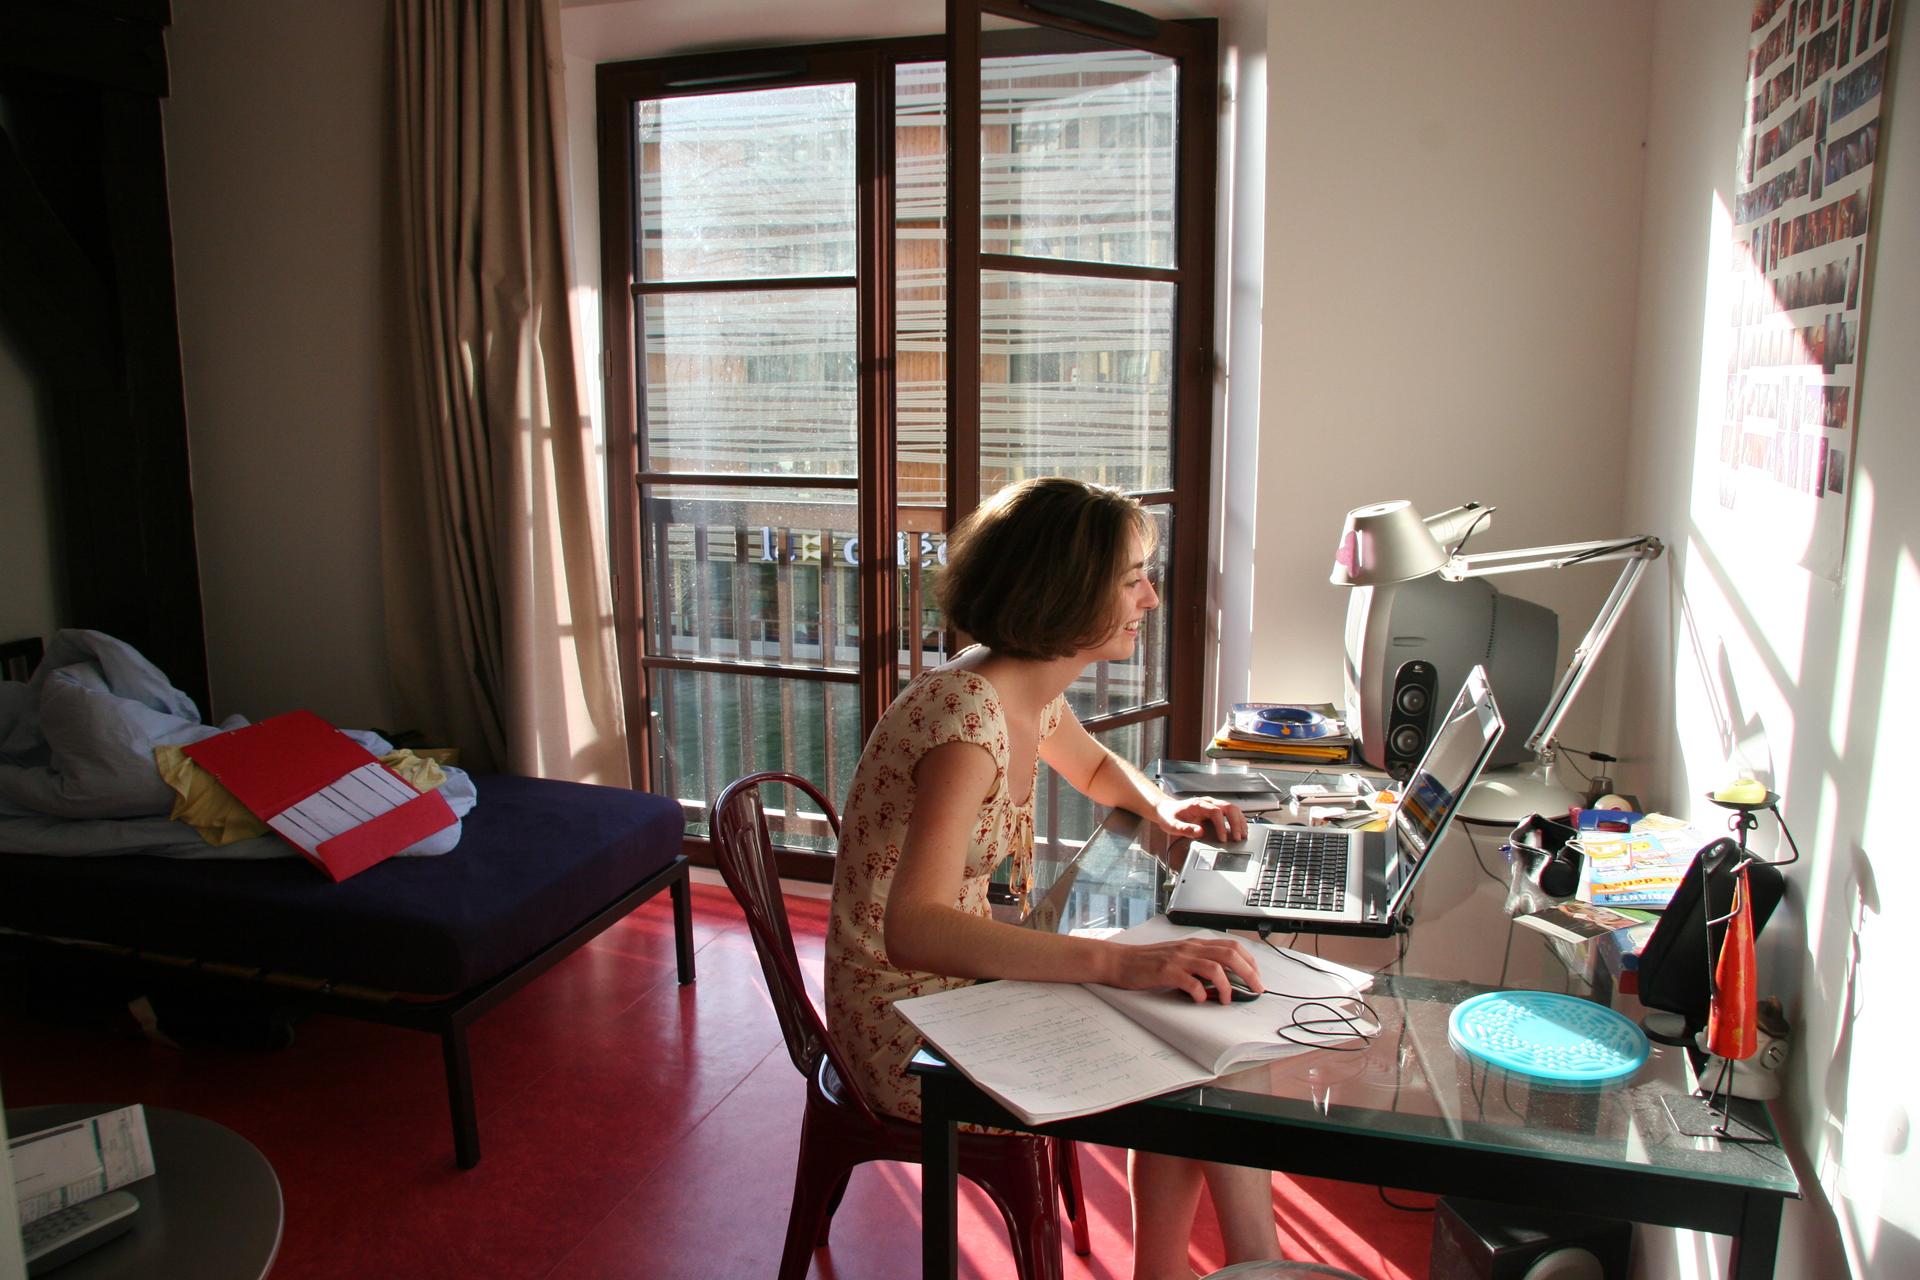 les villes les moins chers pour avoir un logement tudiant mon waka. Black Bedroom Furniture Sets. Home Design Ideas